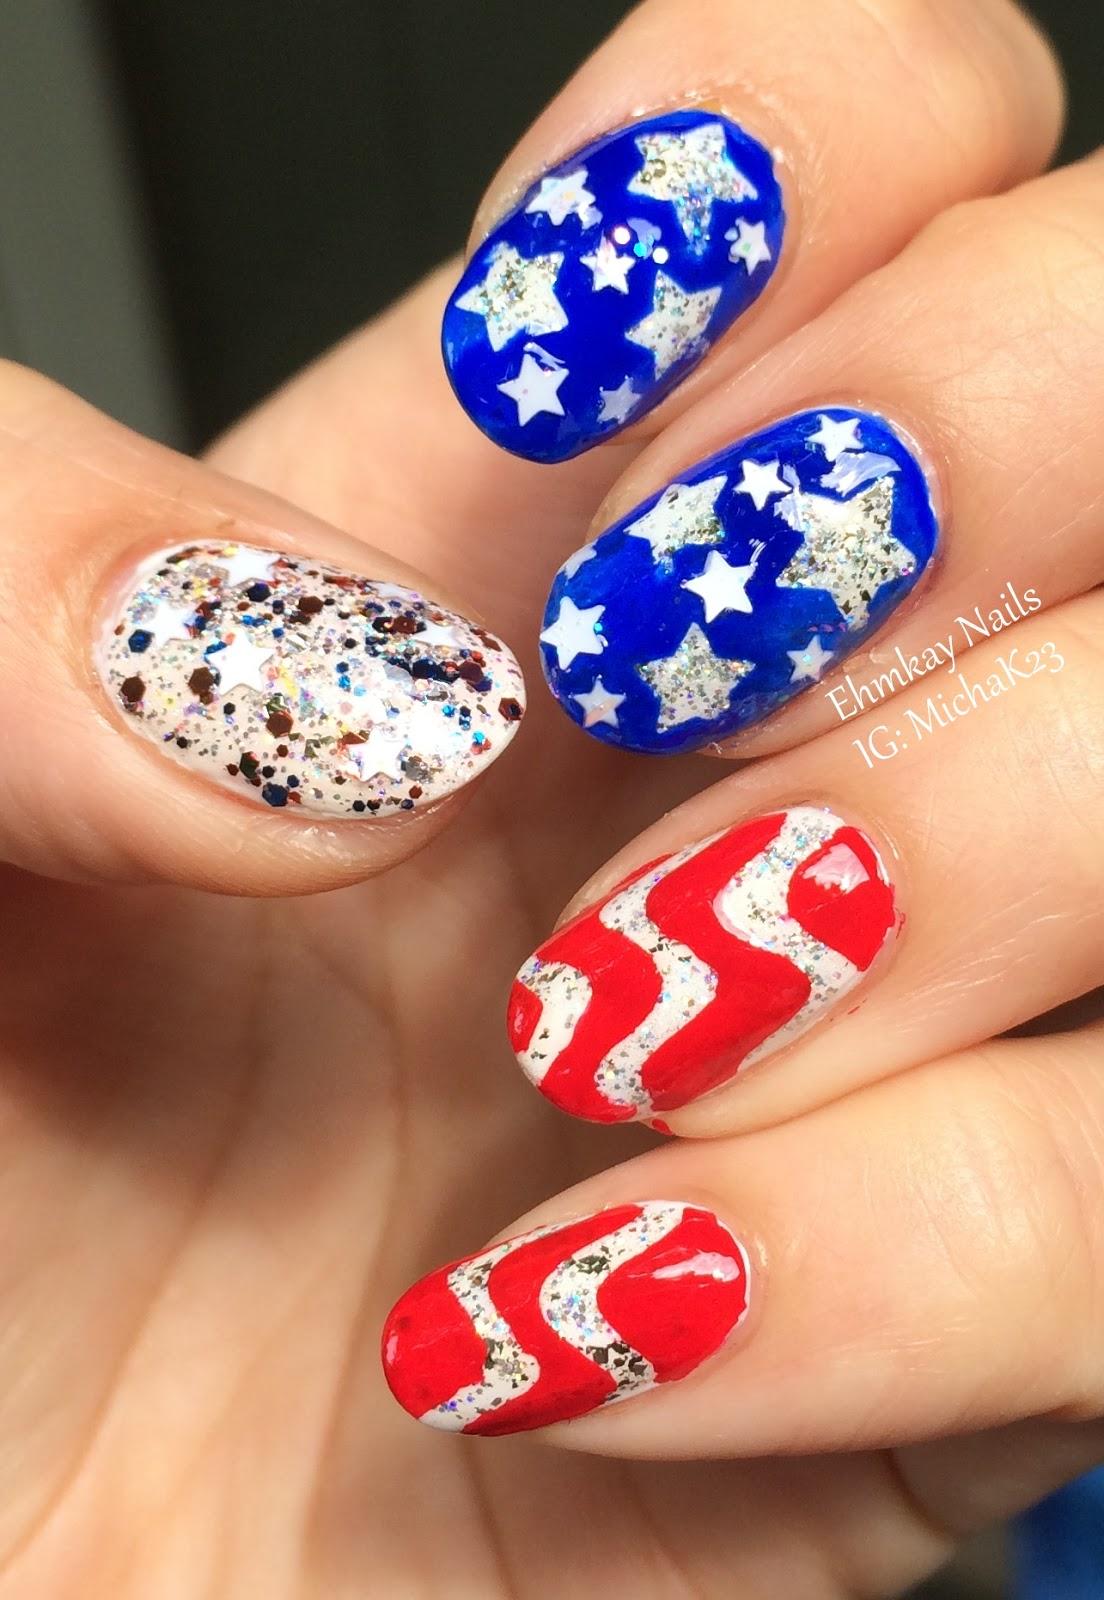 Ehmkay Nails: American Flag Nail Art